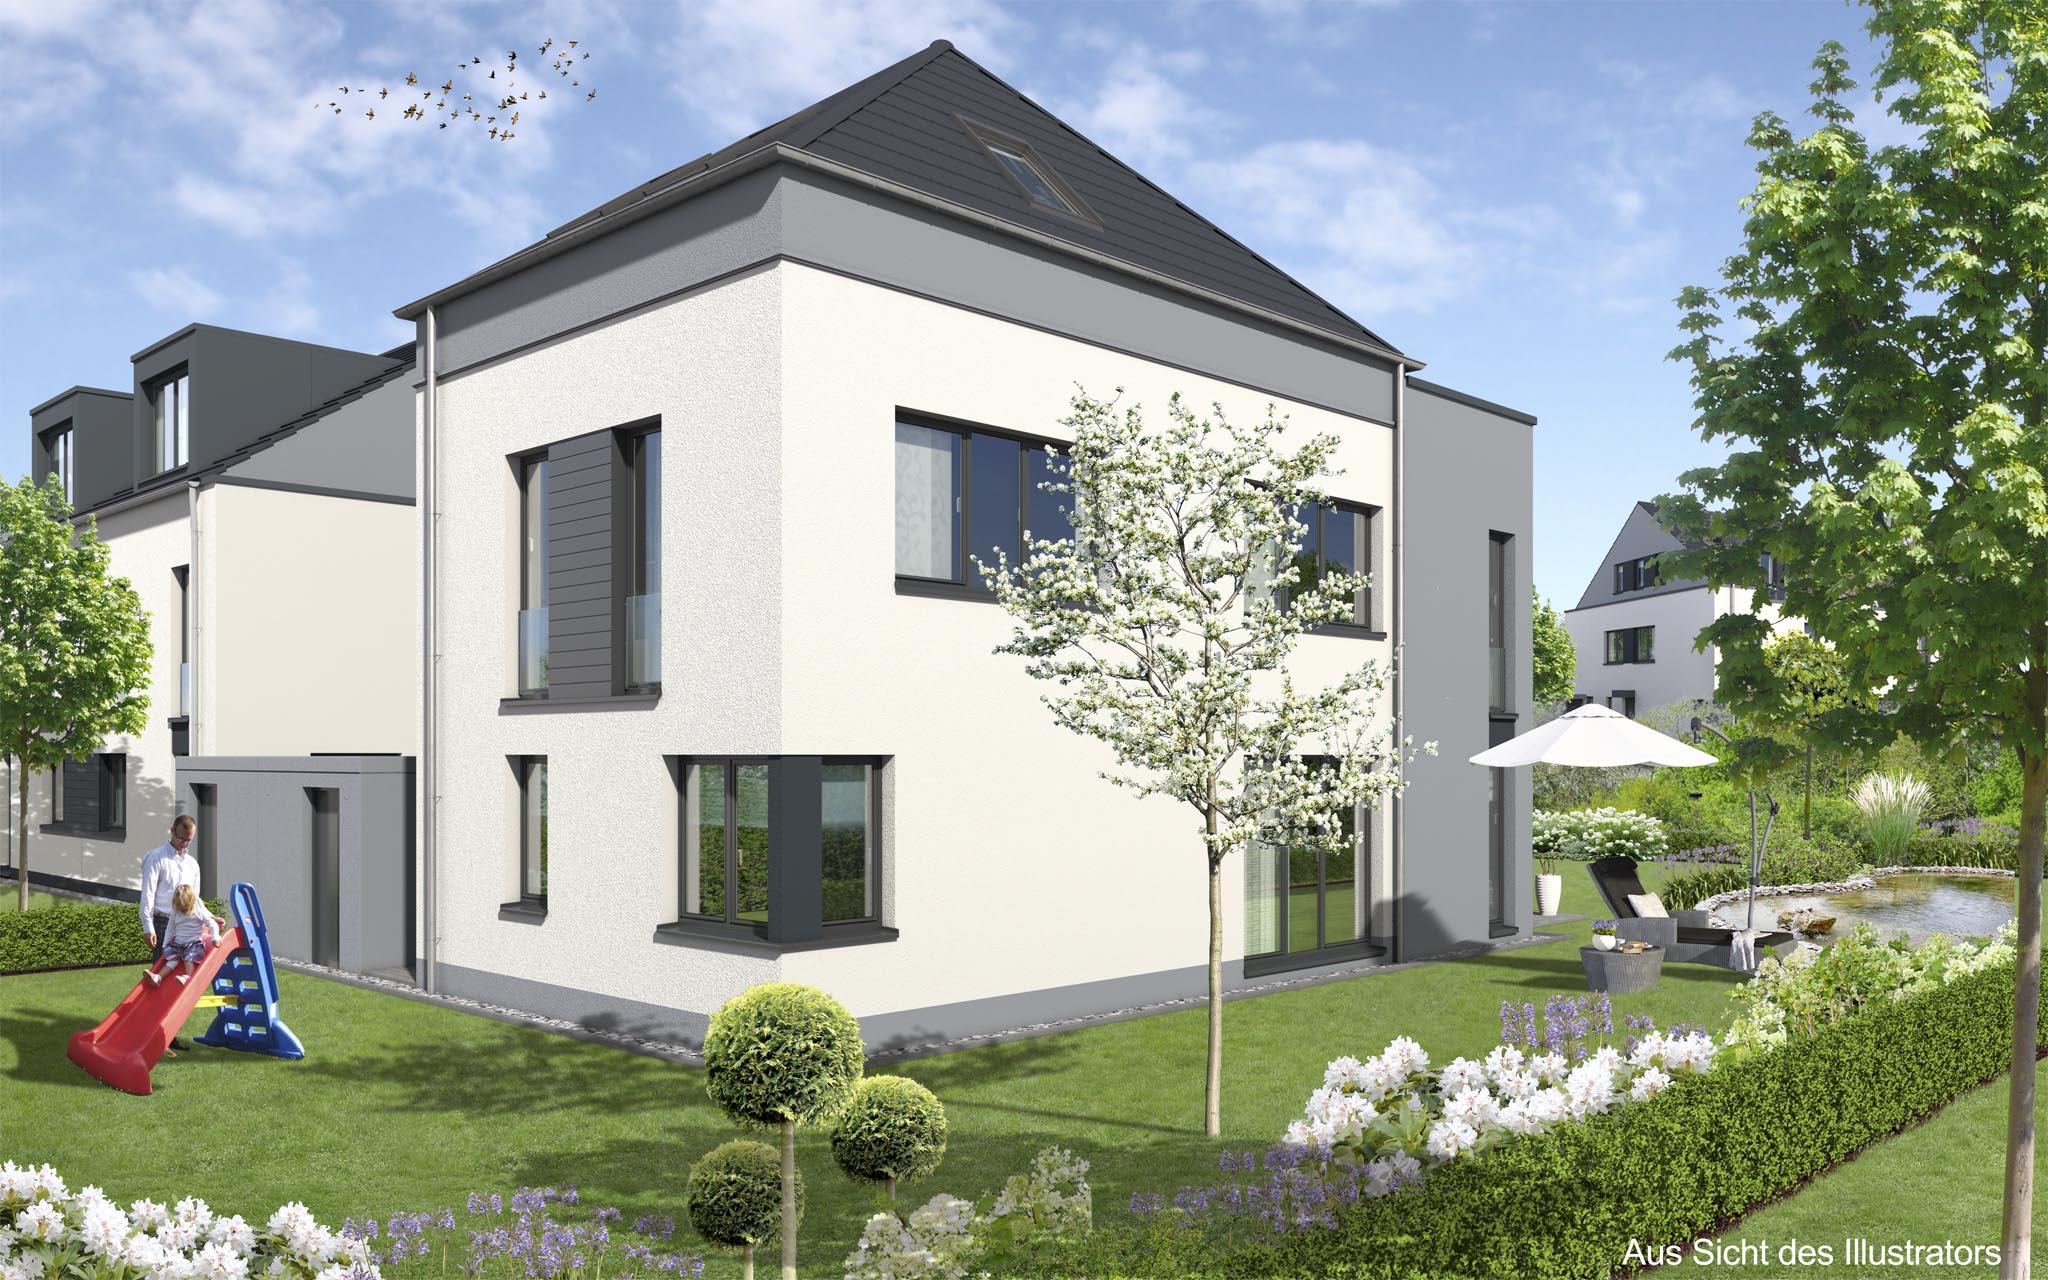 Reihen Doppelhäuser Und Freihstende Häuser In Bad Homburg Ober